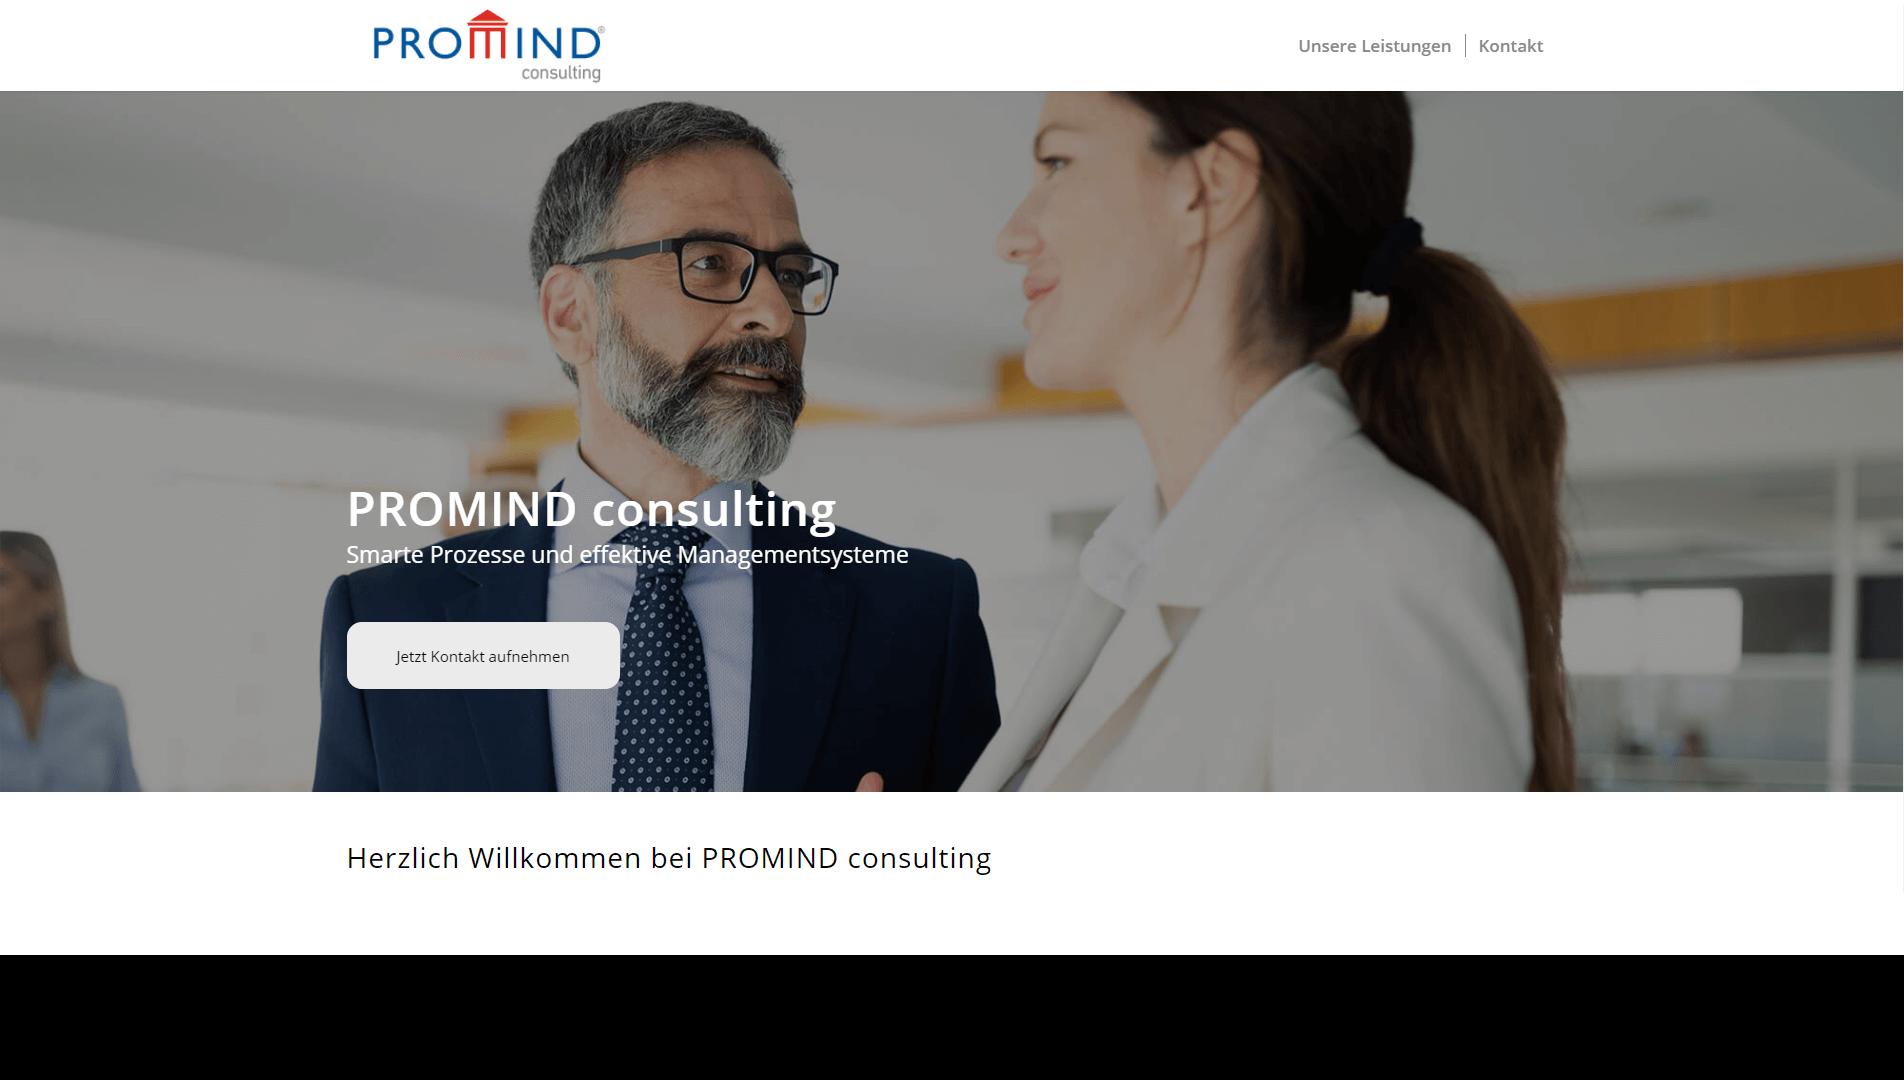 Berater von PROMIND consulting